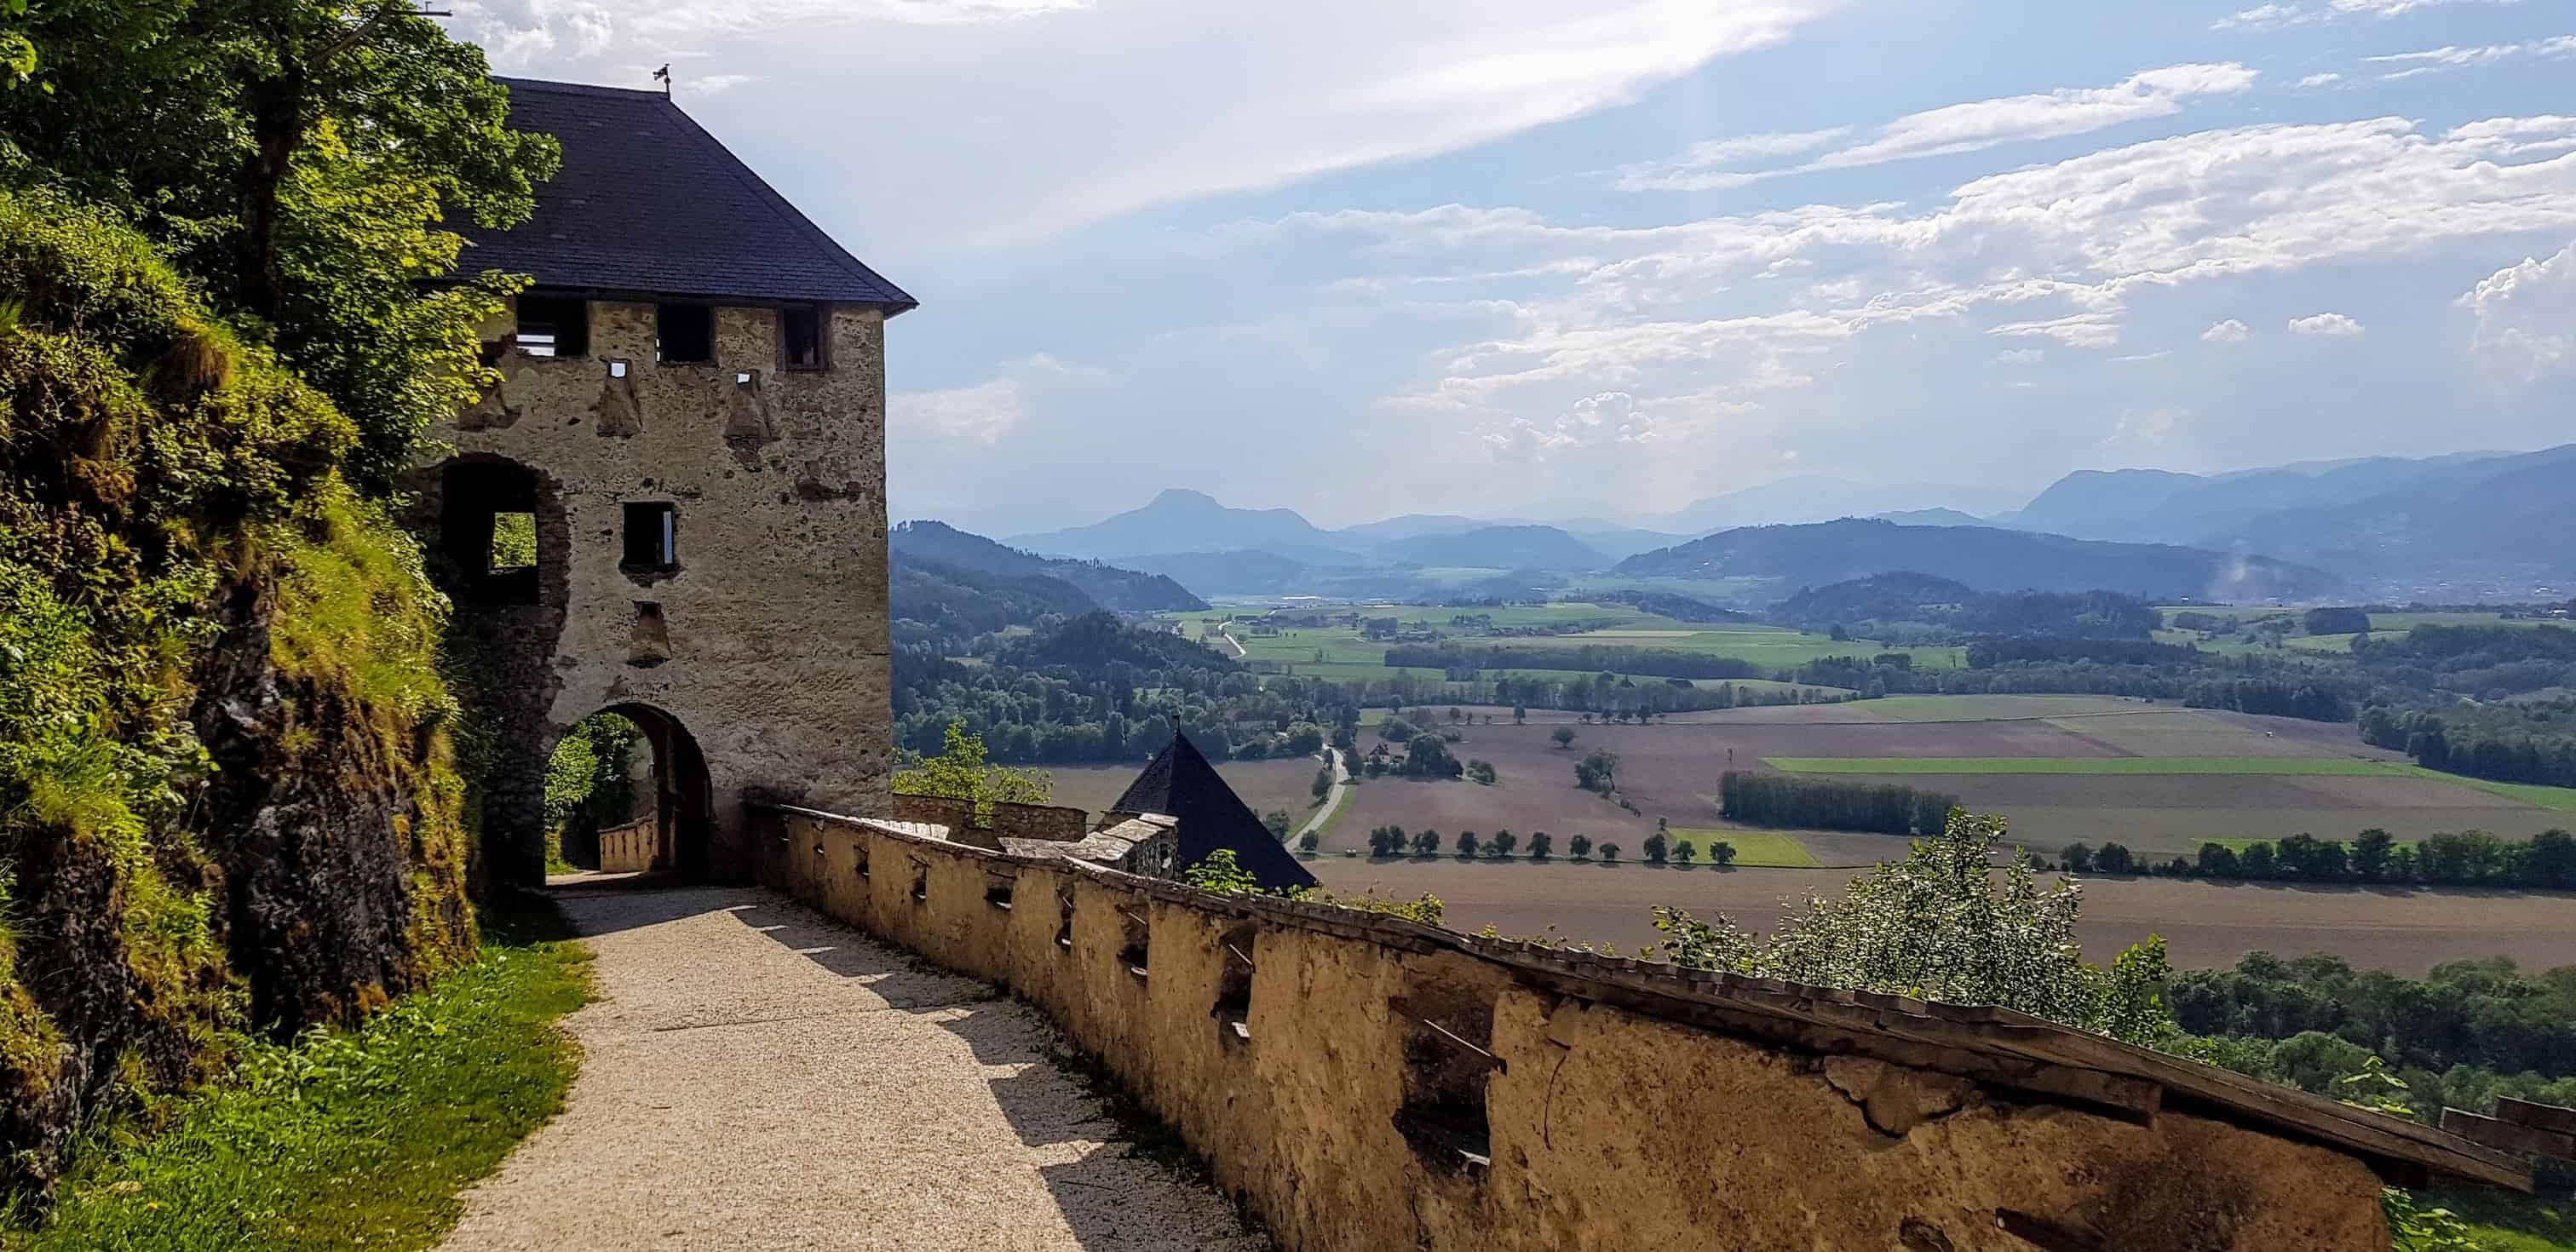 Aufgang auf die Burg Hochosterwitz - historische und familienfreundliche Sehenswürdigkeit im Süden Österreichs.